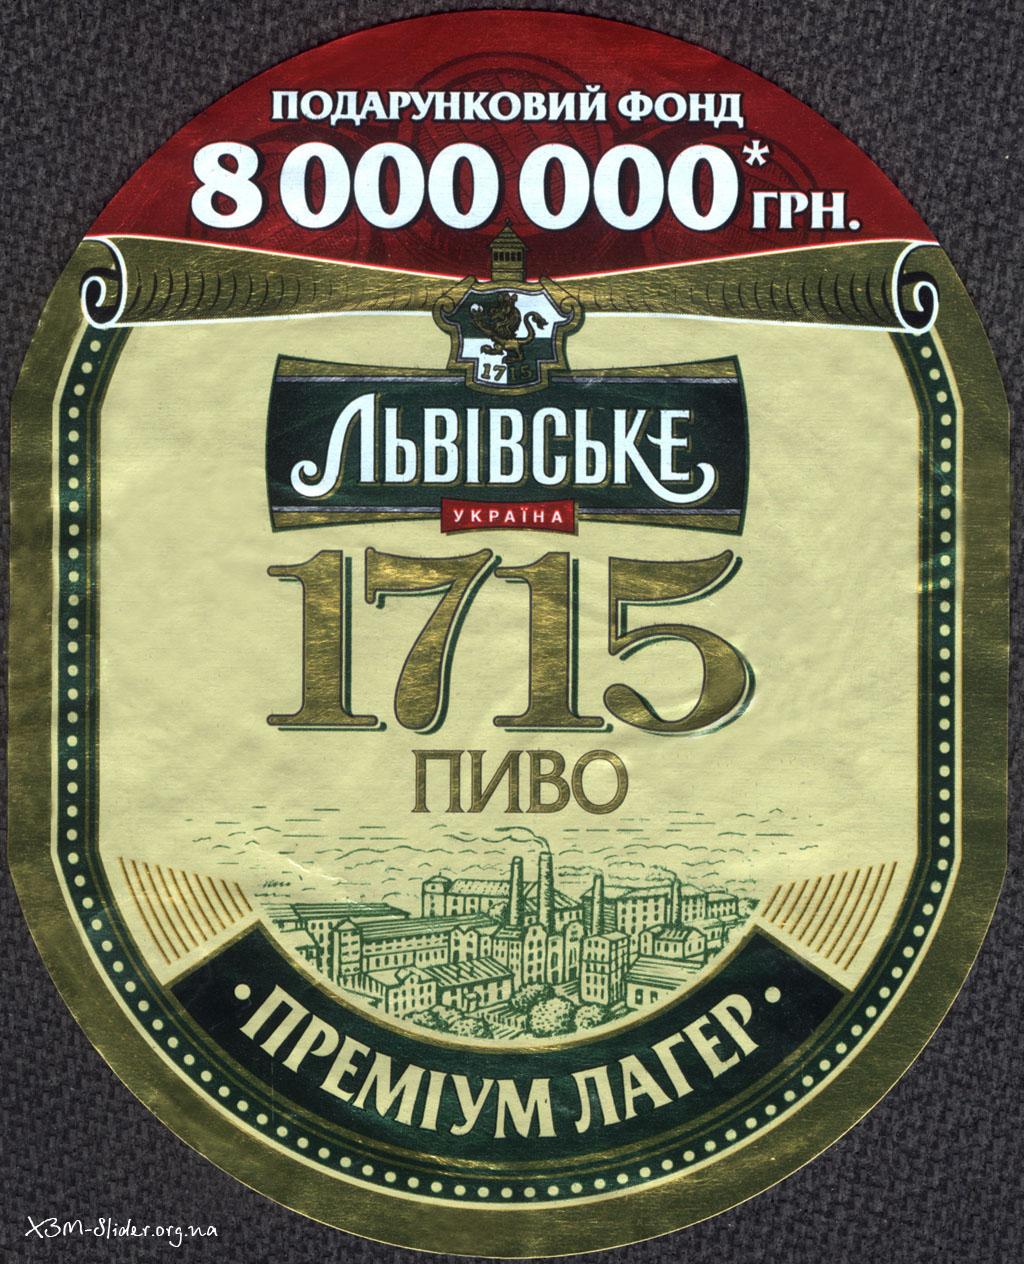 Львівське - 1715 - Преміум Лагер